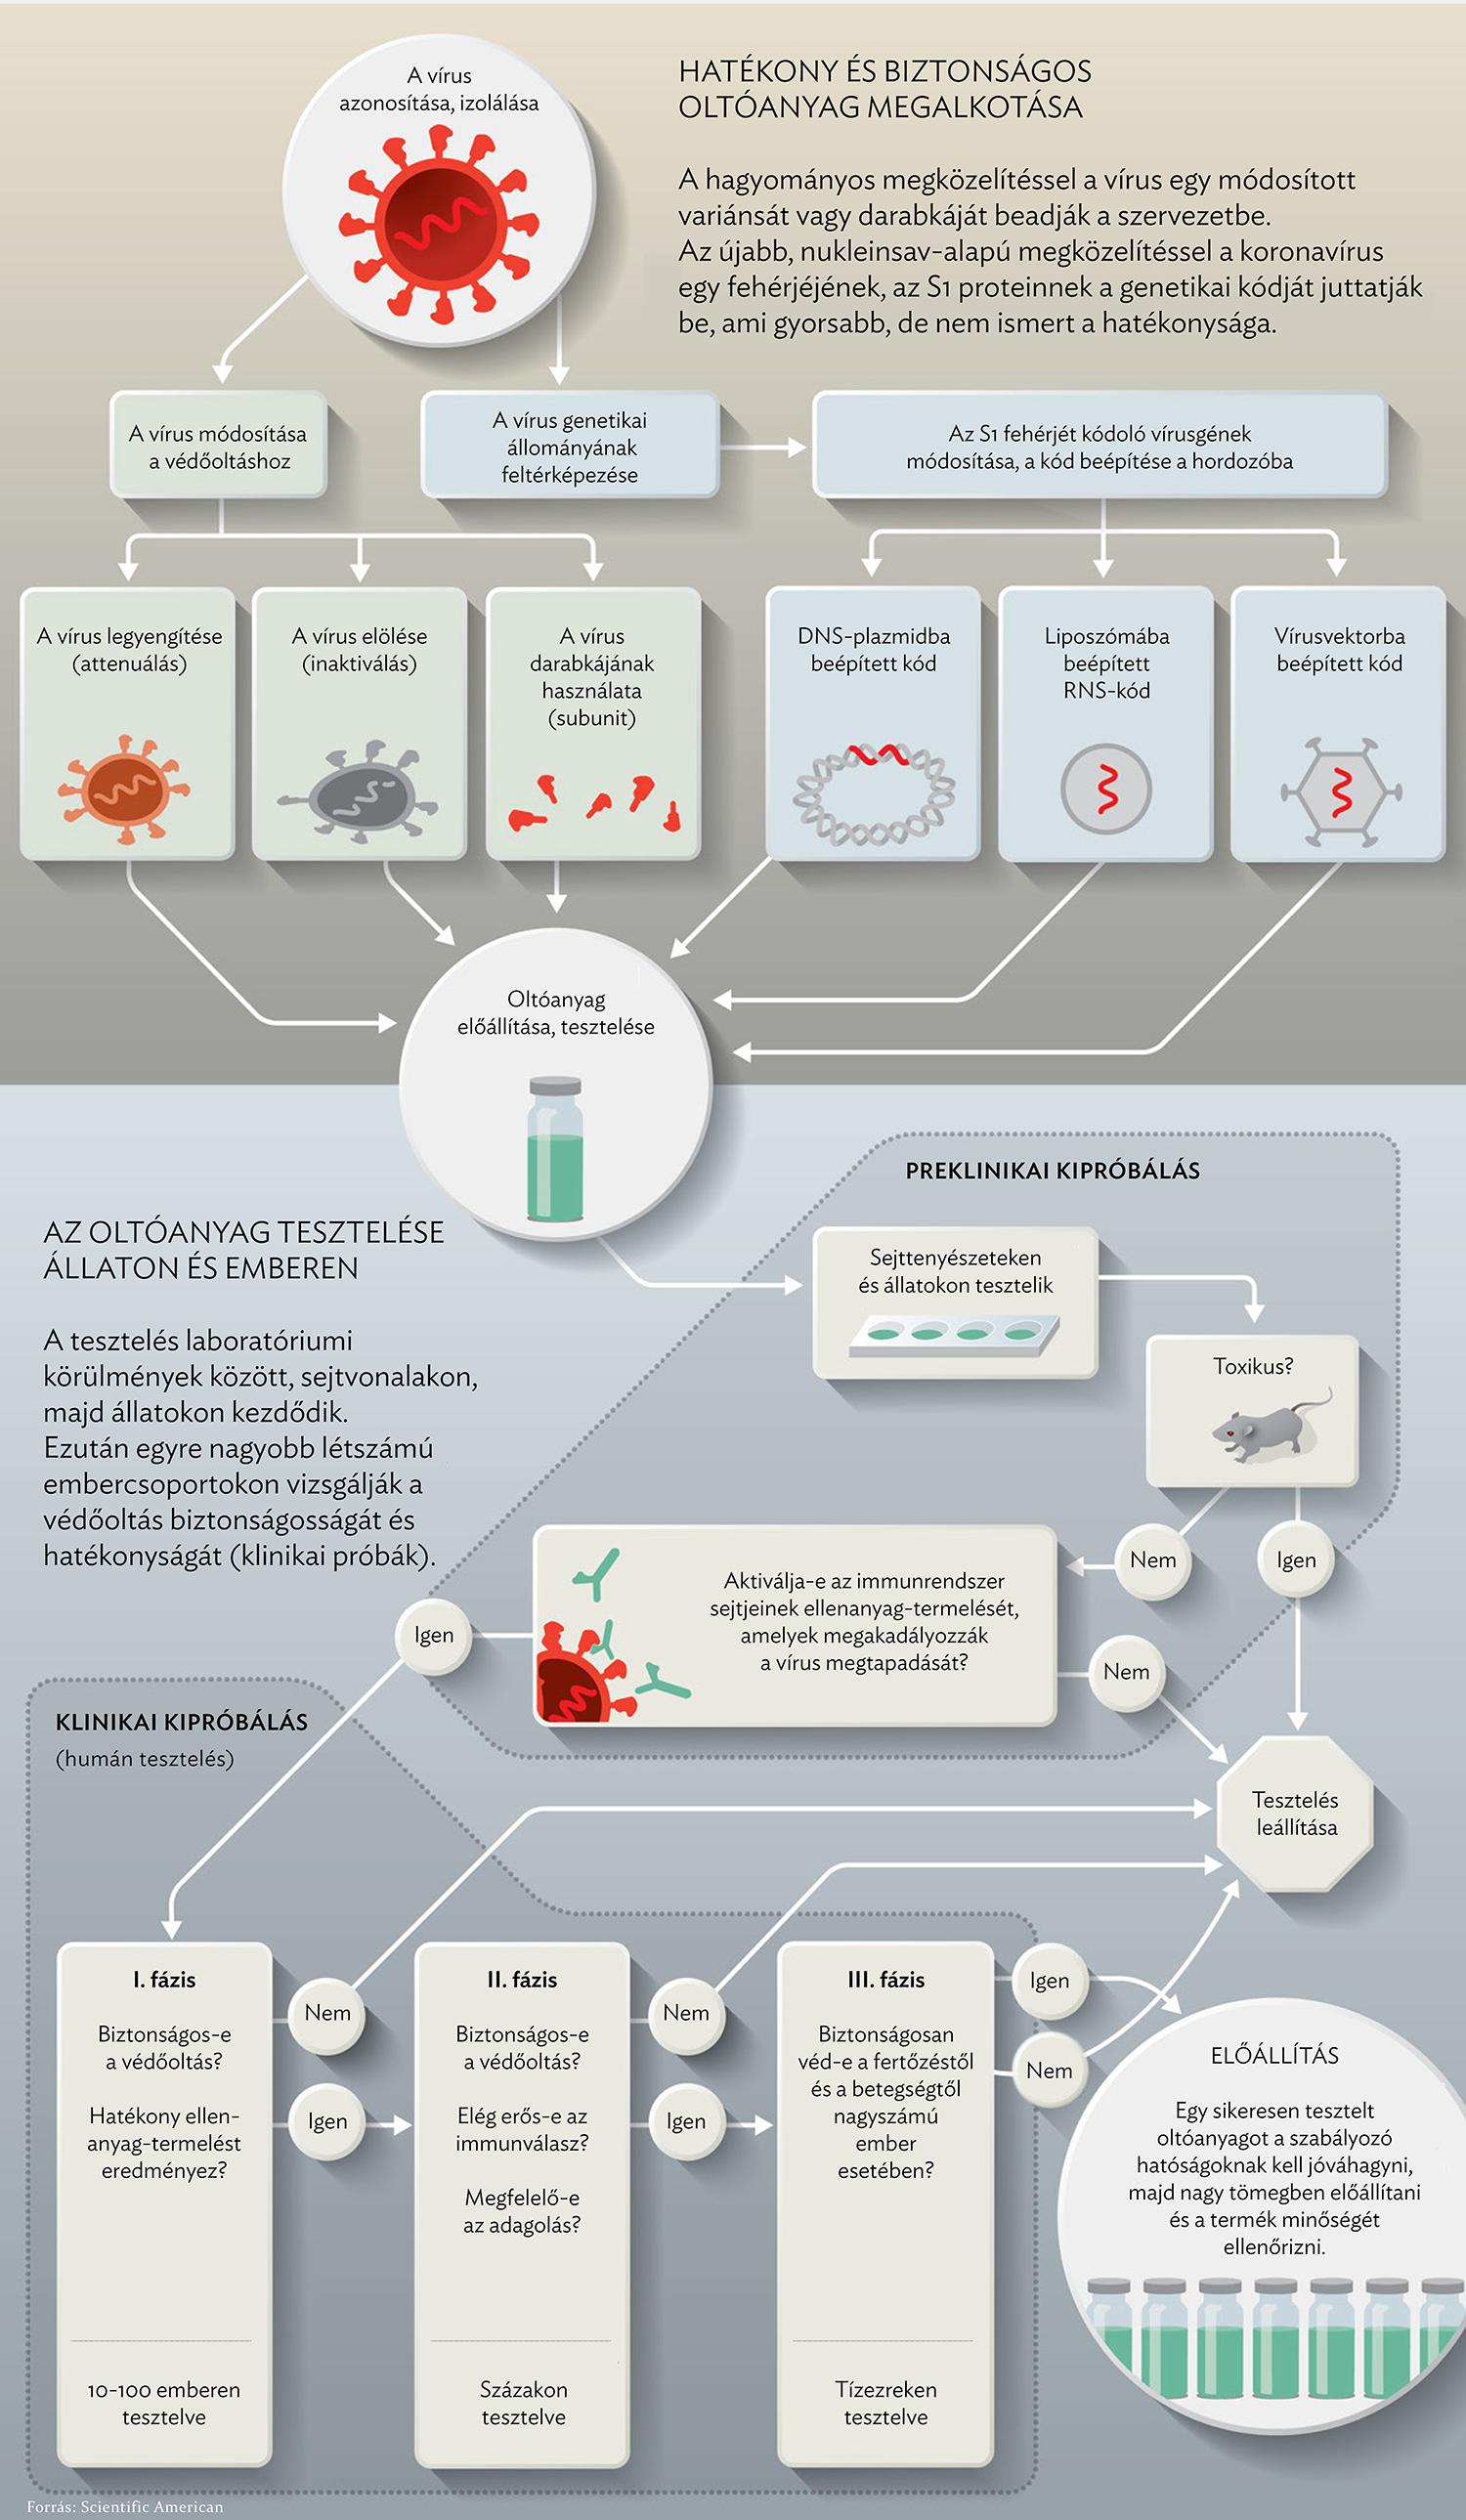 papilloma láz vírus elleni vakcina)